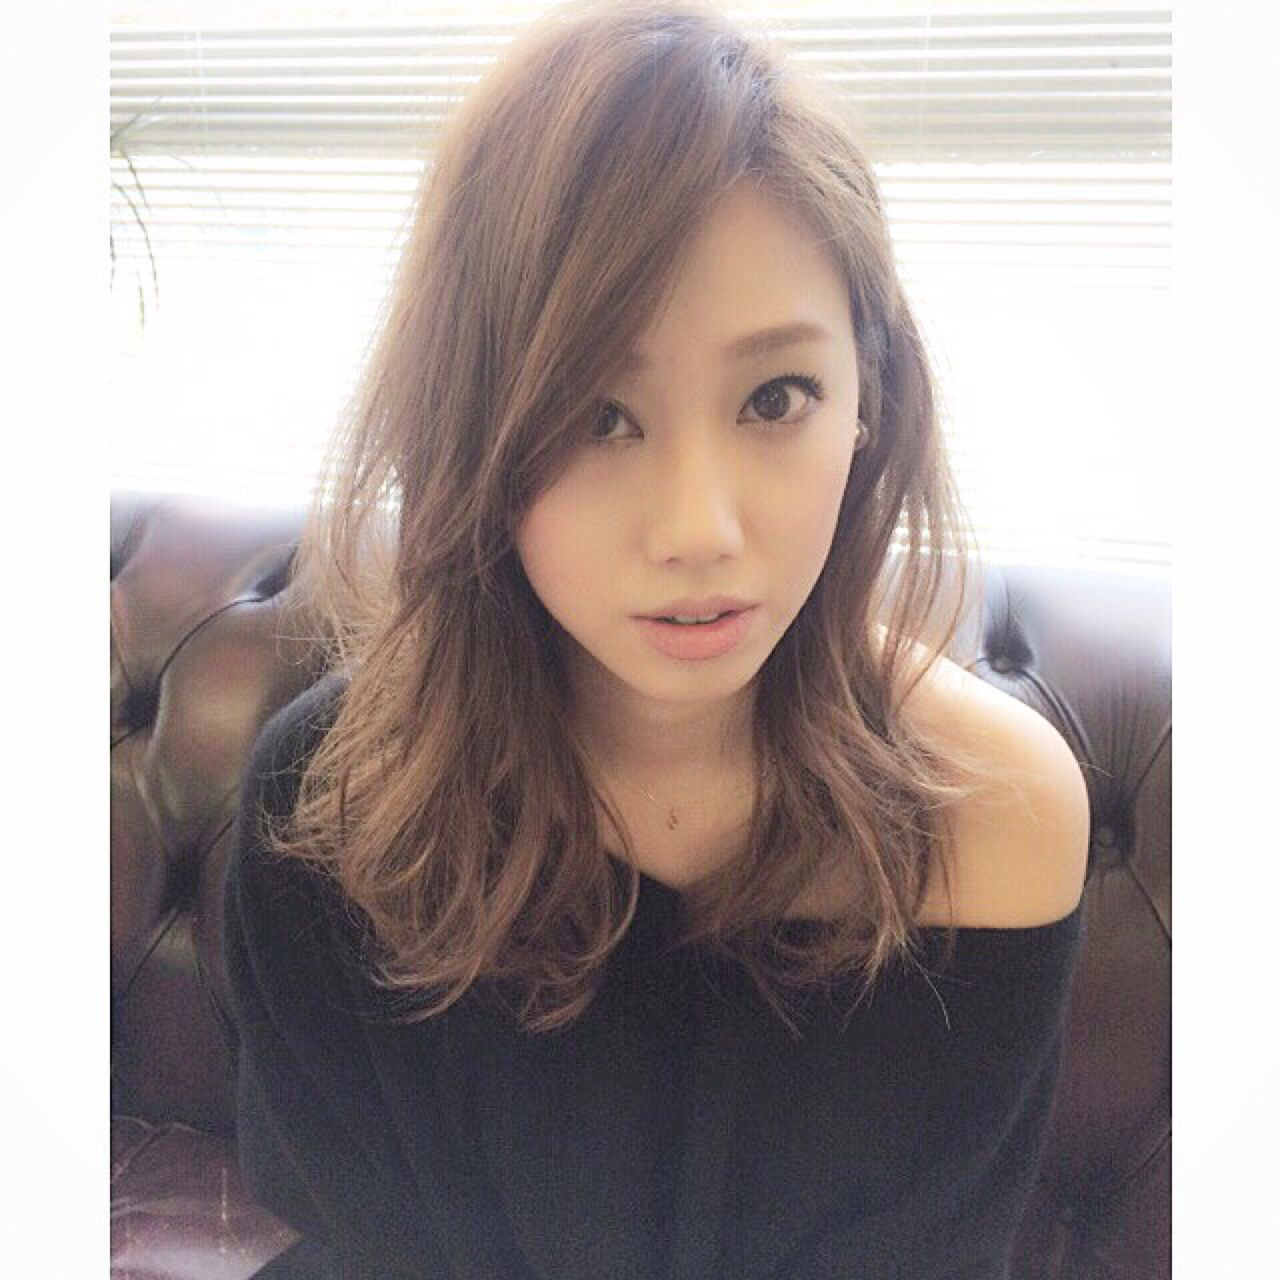 ロング ストリート 前髪あり かき上げ前髪 ヘアスタイルや髪型の写真・画像